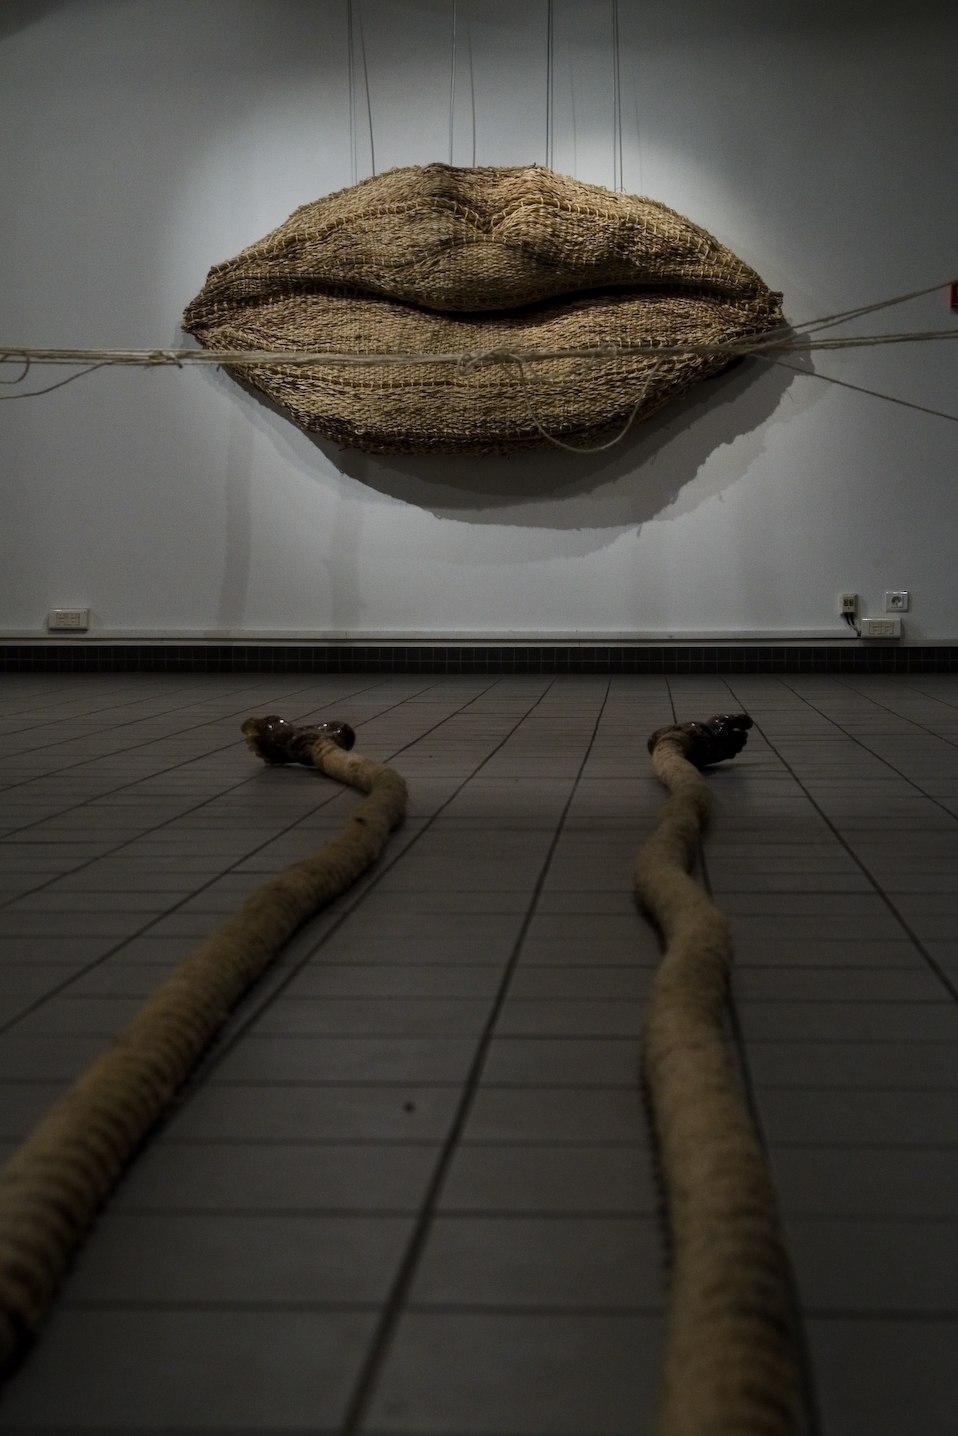 Installation View, Grandes Lèvres, Toile d'araignée, Pied piégé